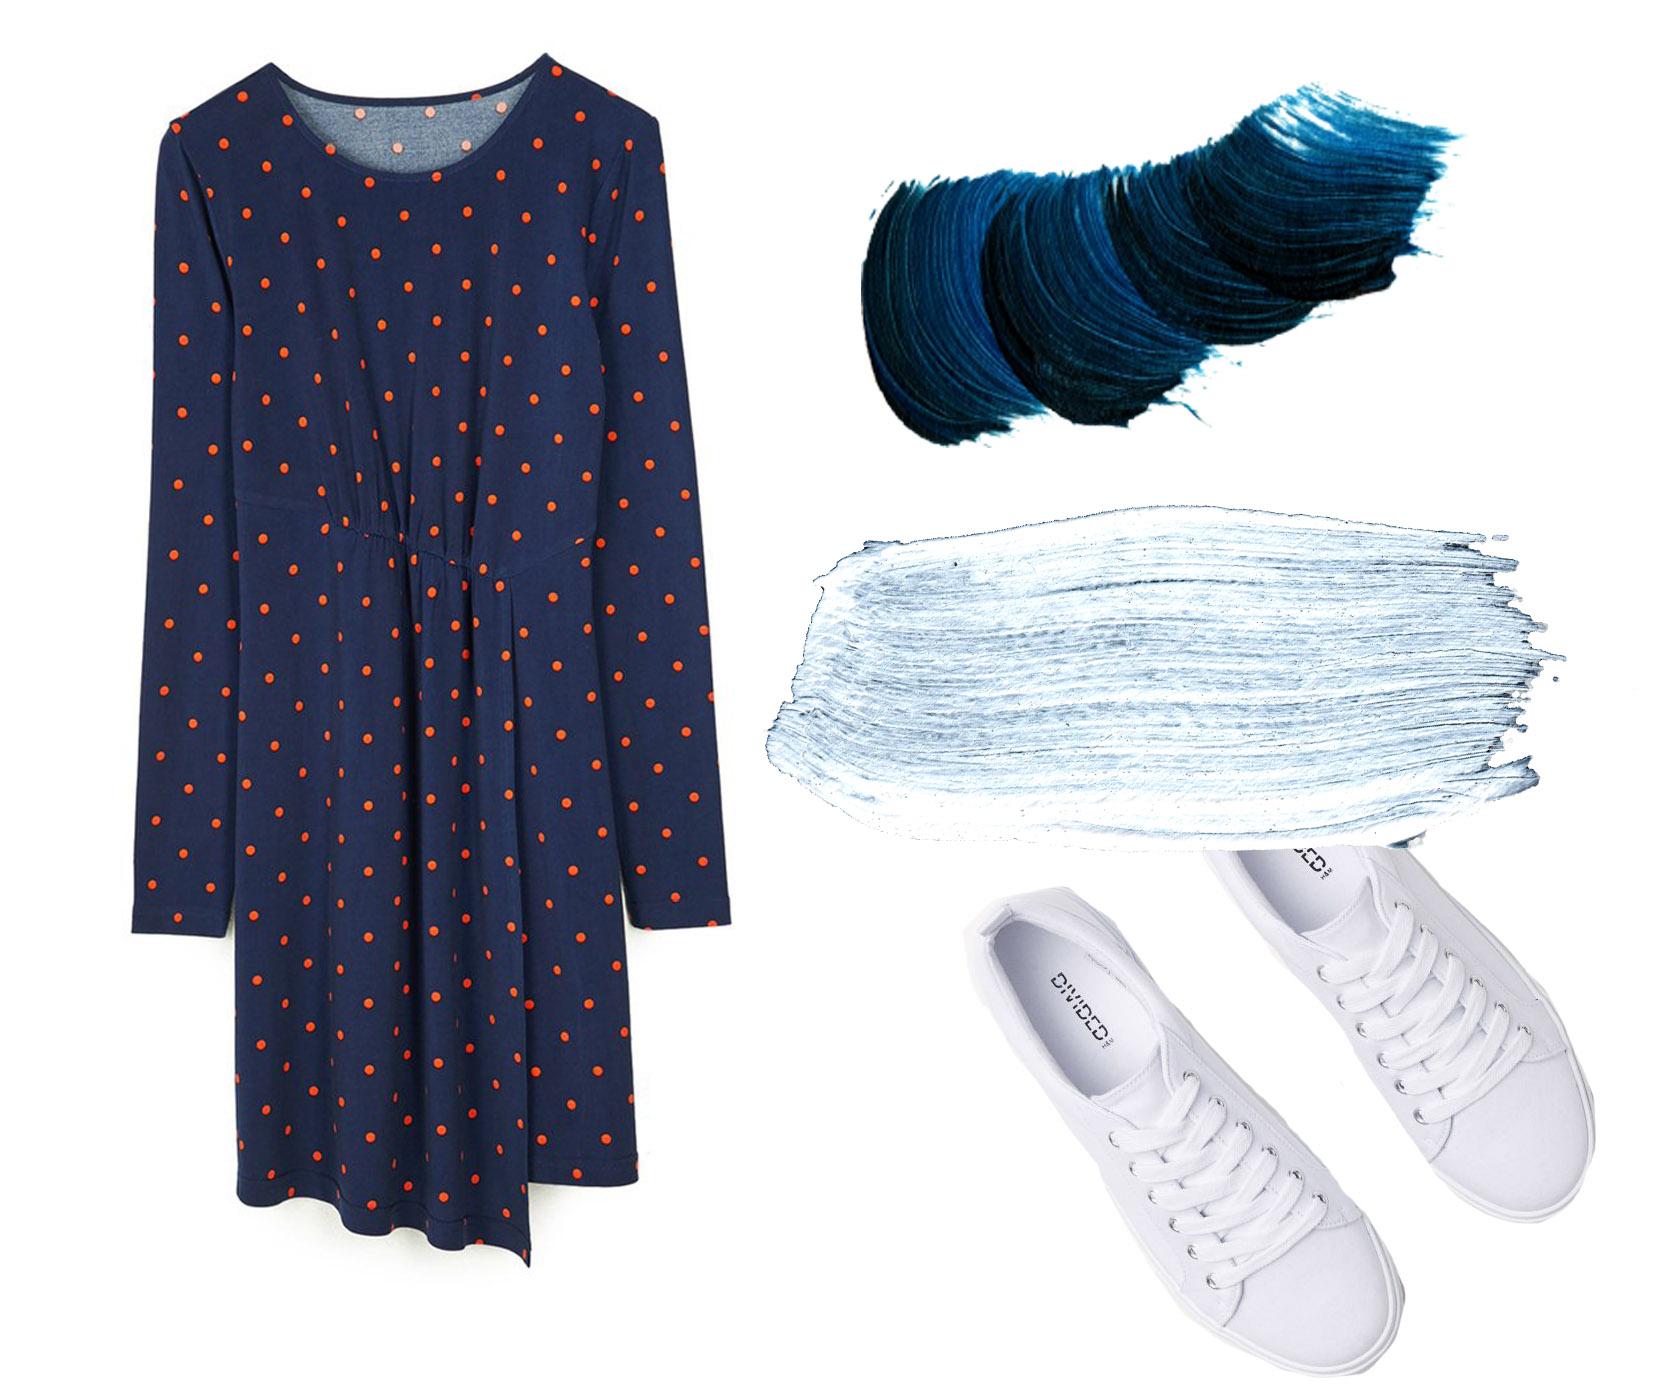 Сочетание цветов в одежде: 8 готовых образов для разных типов внешности